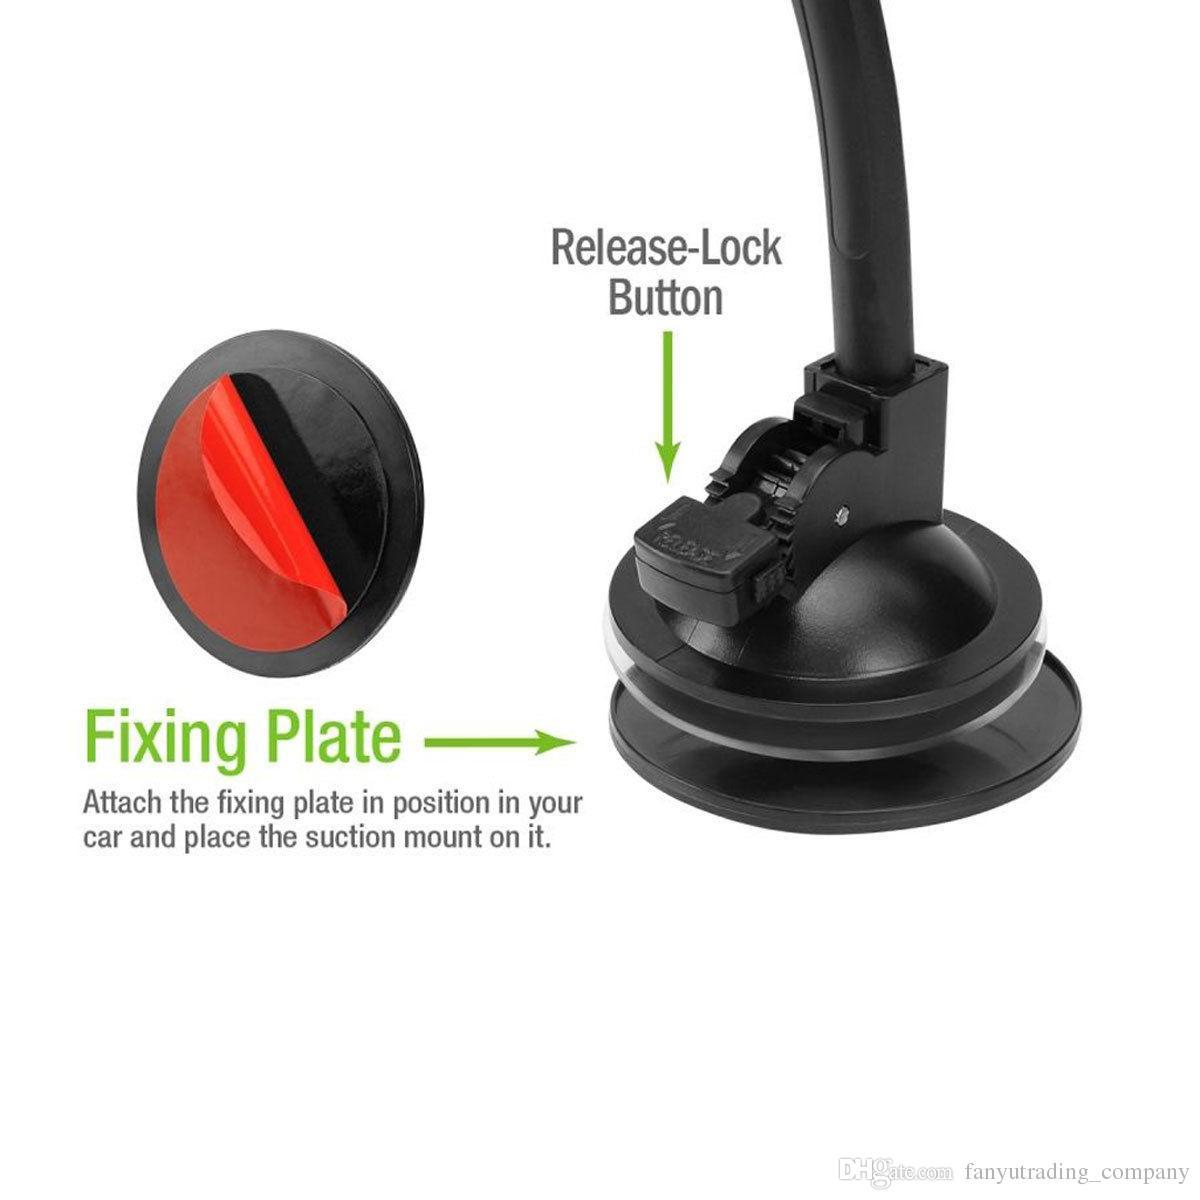 Nuevo soporte giratorio de ventosa giratoria de 360 grados Soporte para parabrisas del coche Soporte para teléfono celular / iPhone / iPad / PDA / MP3 / MP4 Envío gratis